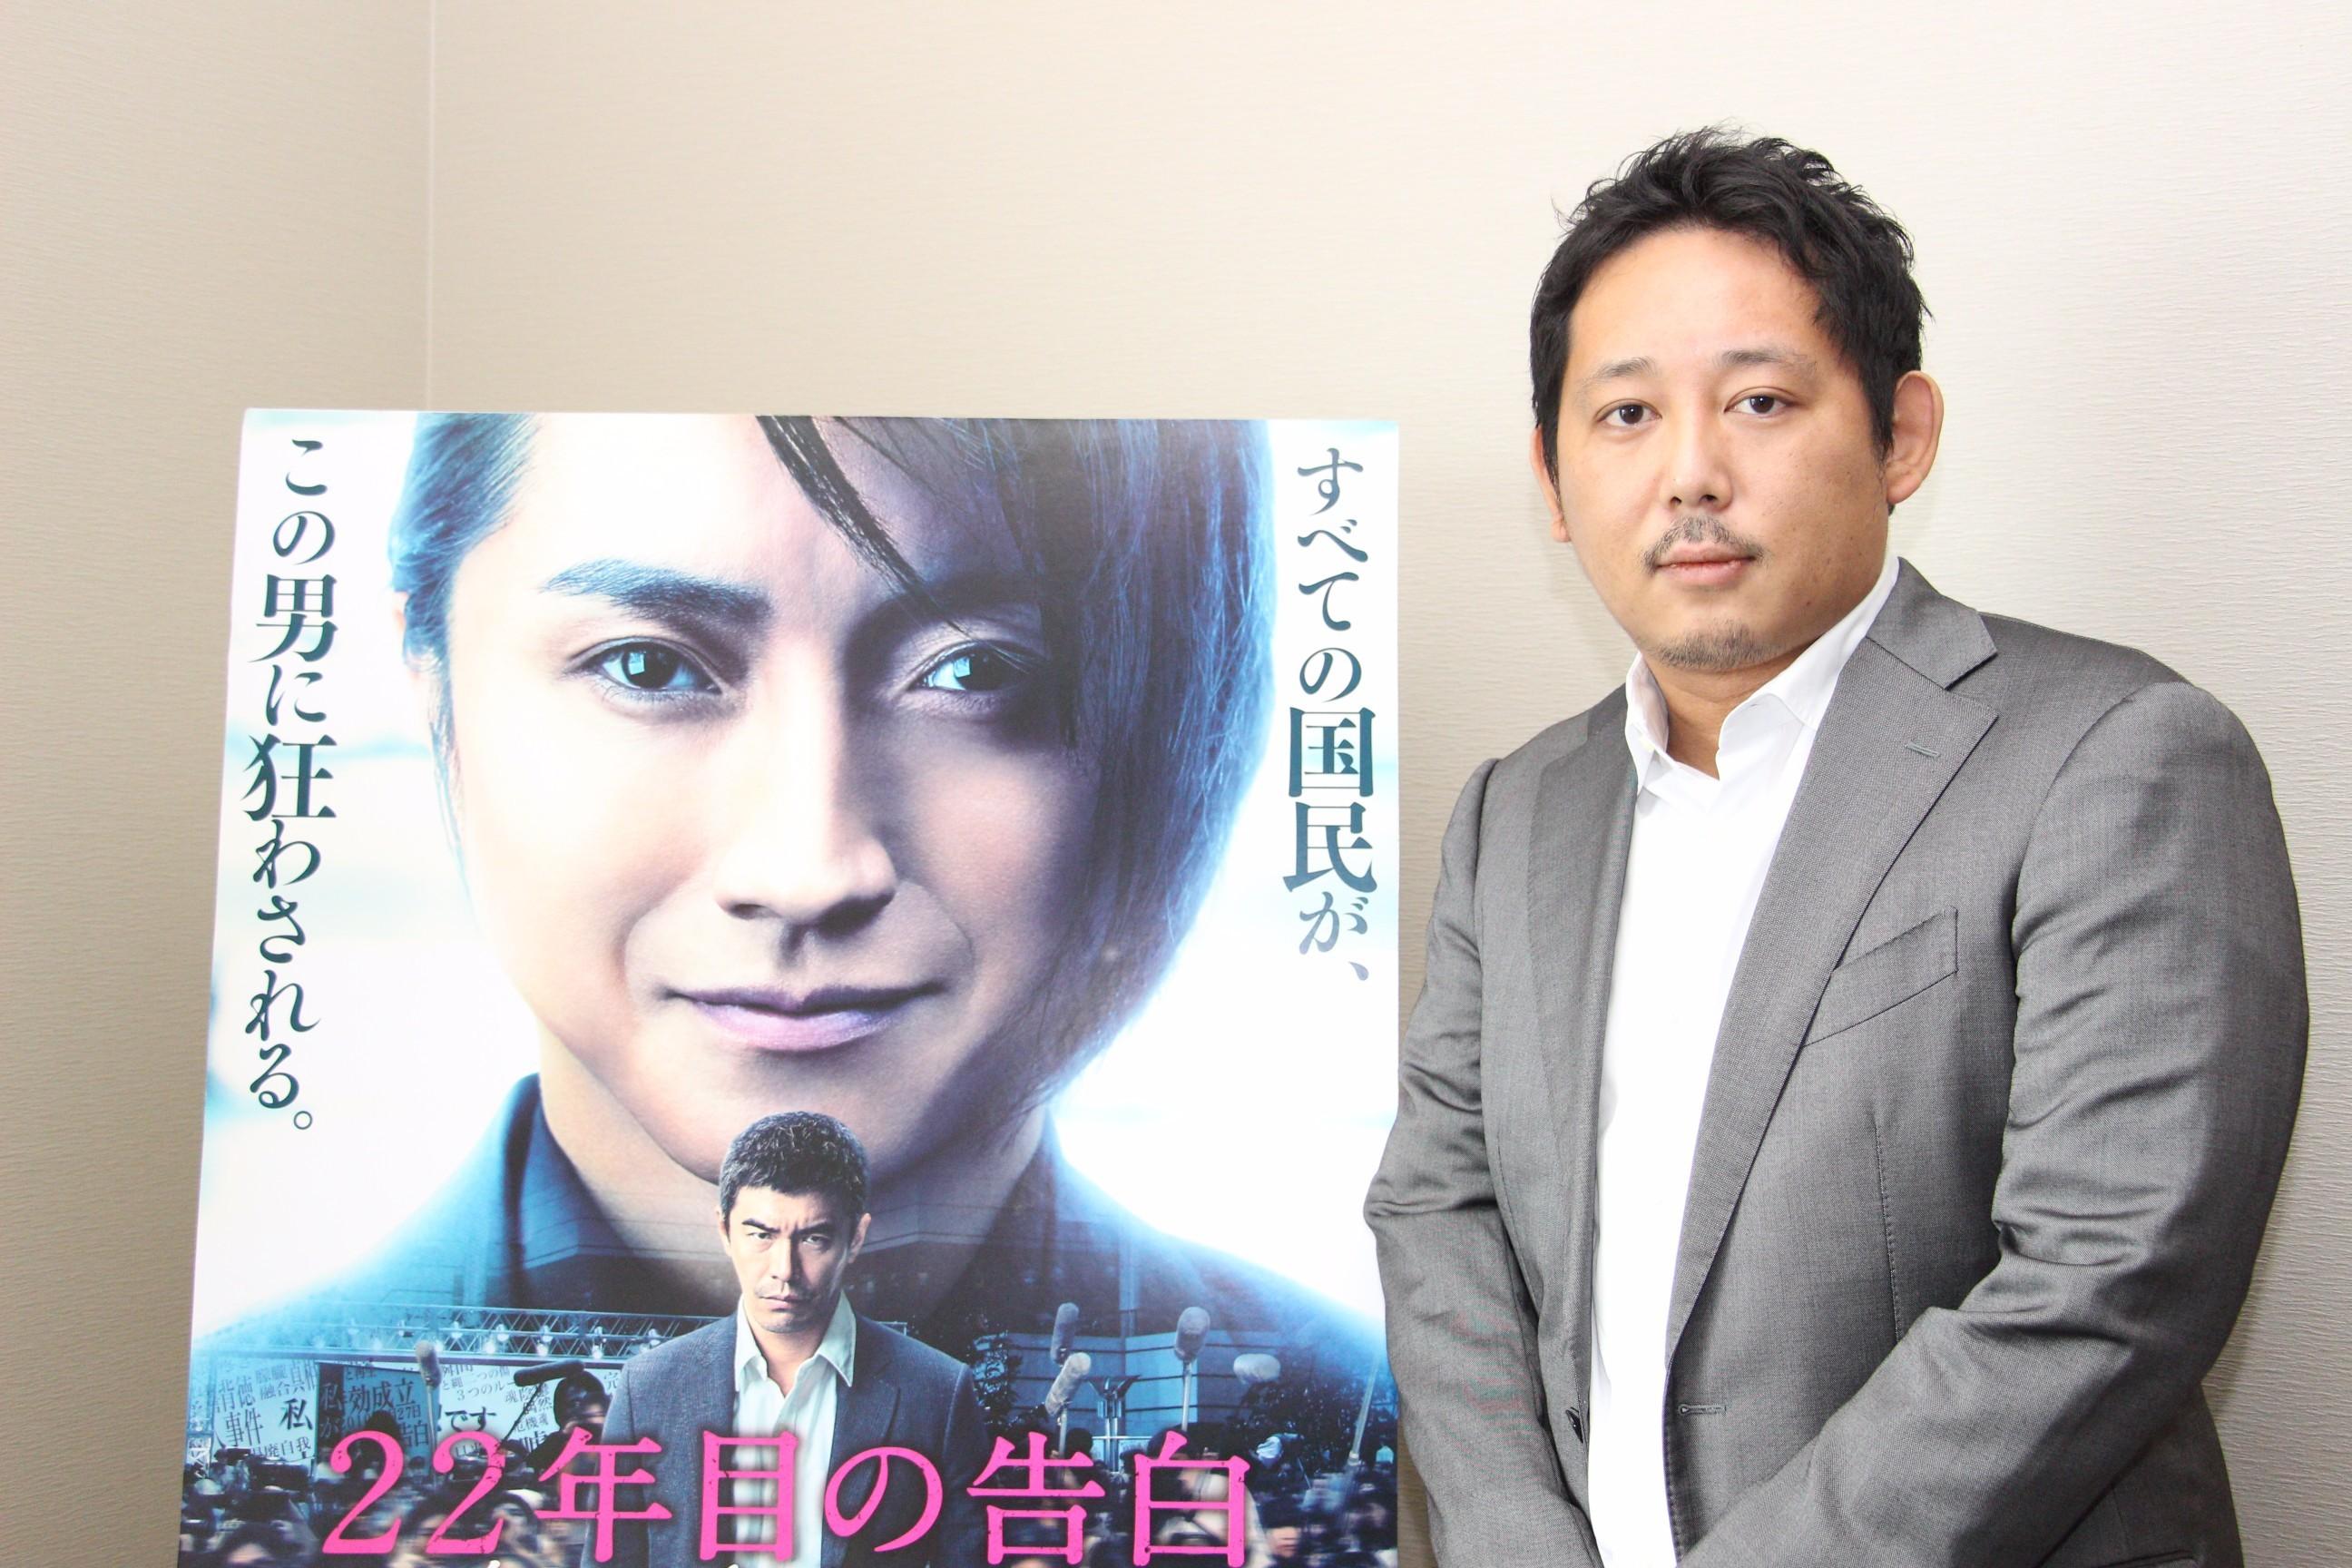 『22年目の告白-私が殺人犯です-』入江悠監督 撮影=藤本洋輔